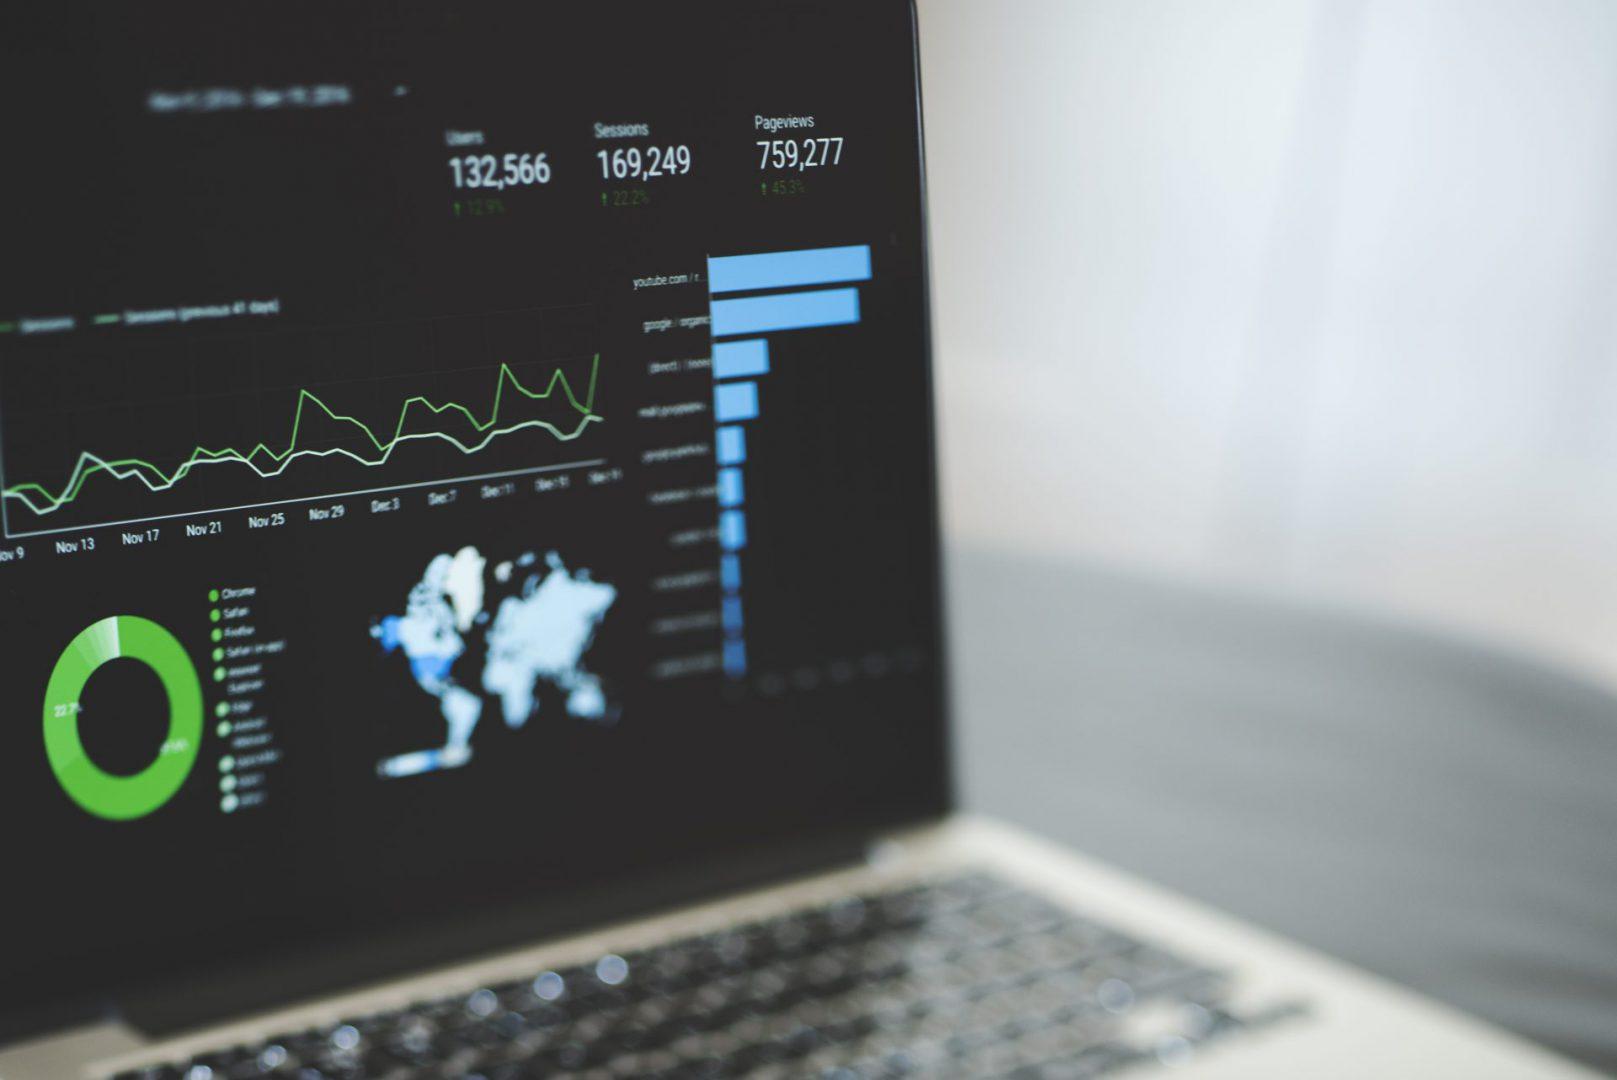 Cómo crear una 'caja de herramientas' online para trabajar la inteligencia competitiva en los mercados internacionales